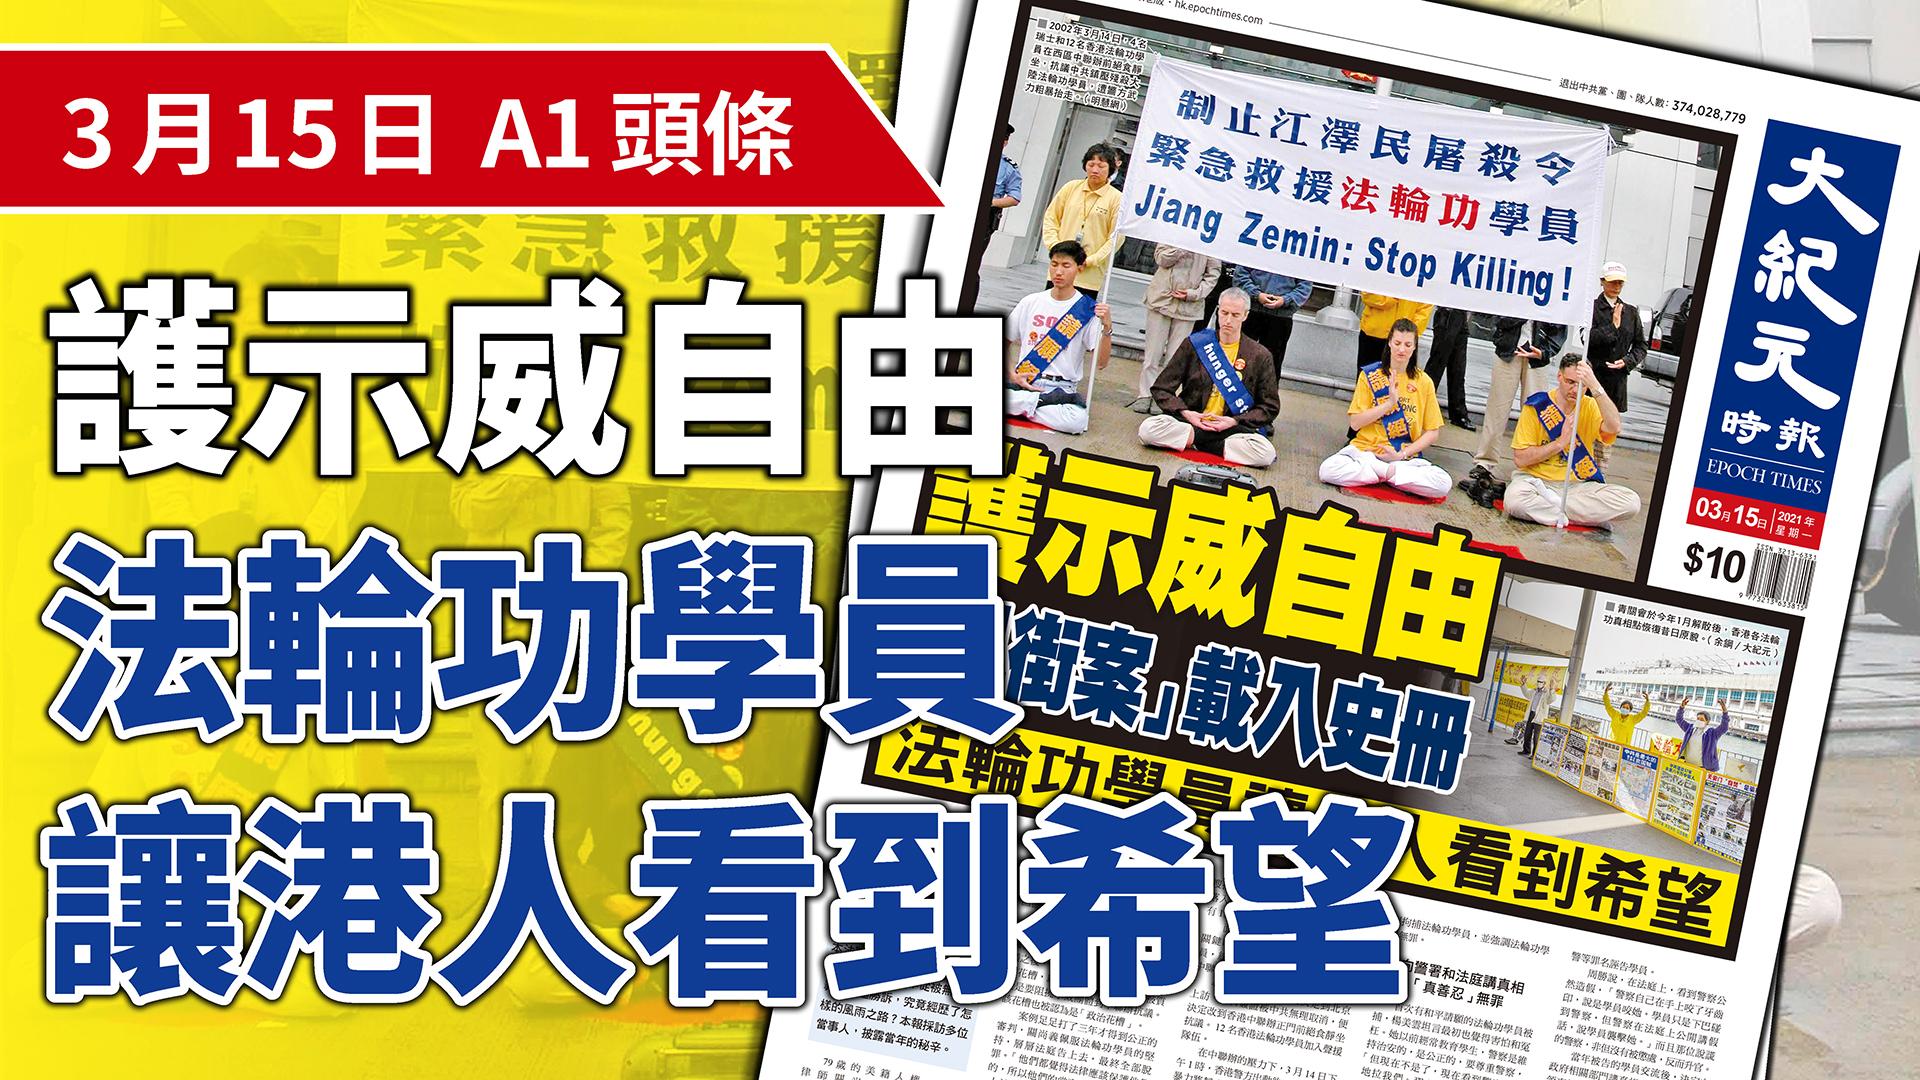 今年3月14日是香港法輪功學員阻街案(又稱楊美雲案)19周年。這宗被視為香港《基本法》保障港人示威自由的重要人權案例,是大學研究《基本法》必備課程。(大紀元製圖)